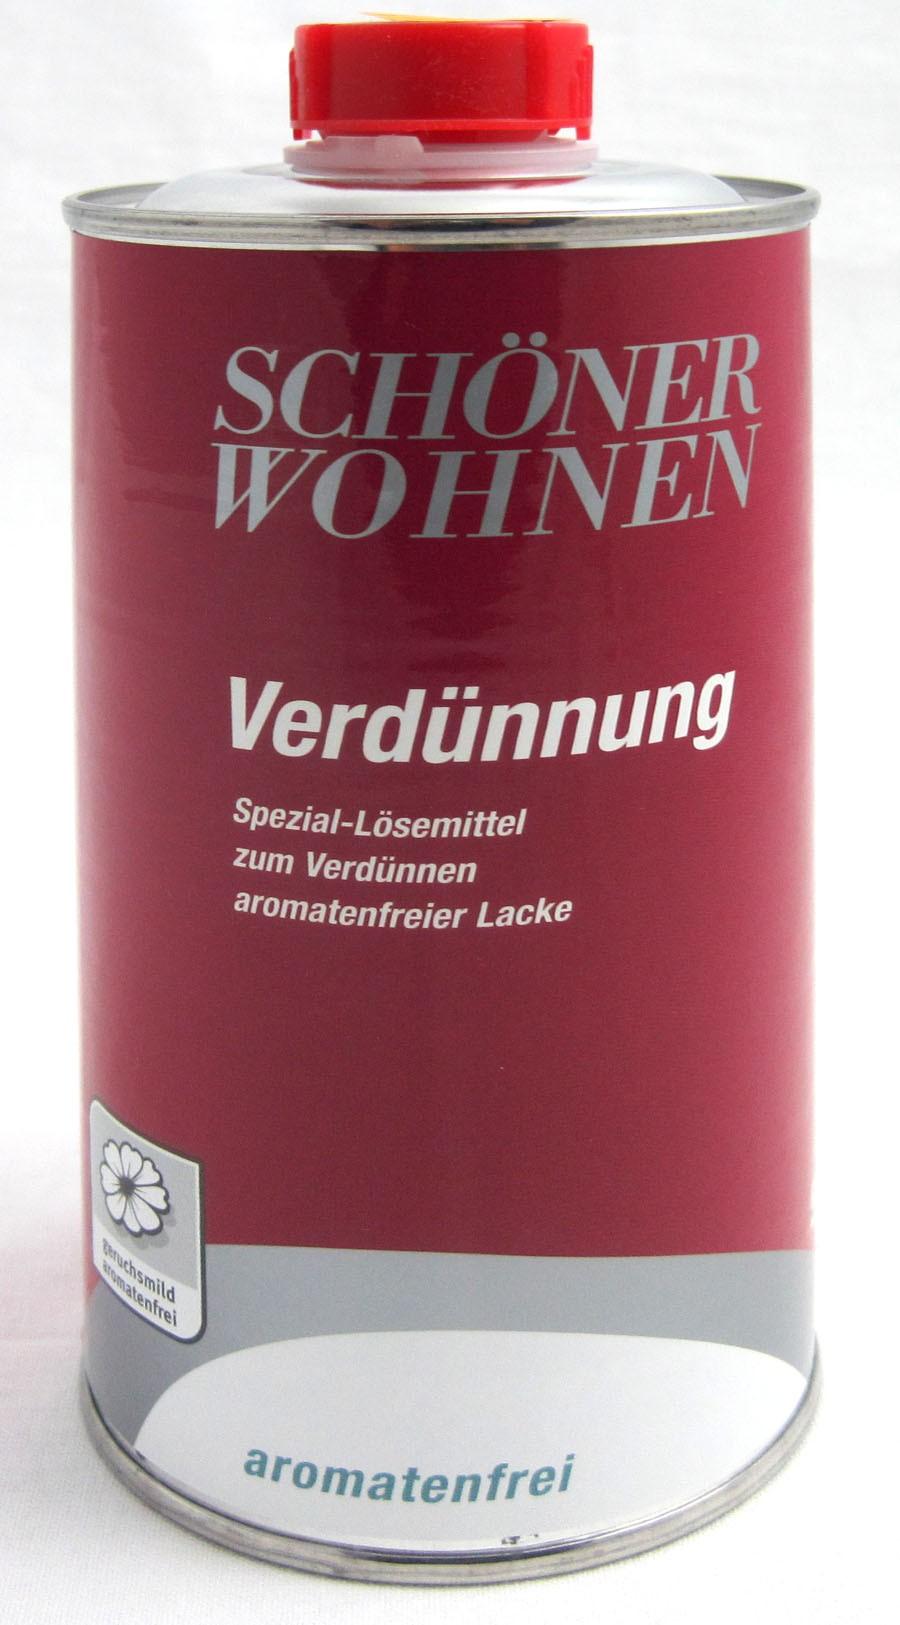 Verdünnung aromatenfrei 500 ml Schöner Wohnen